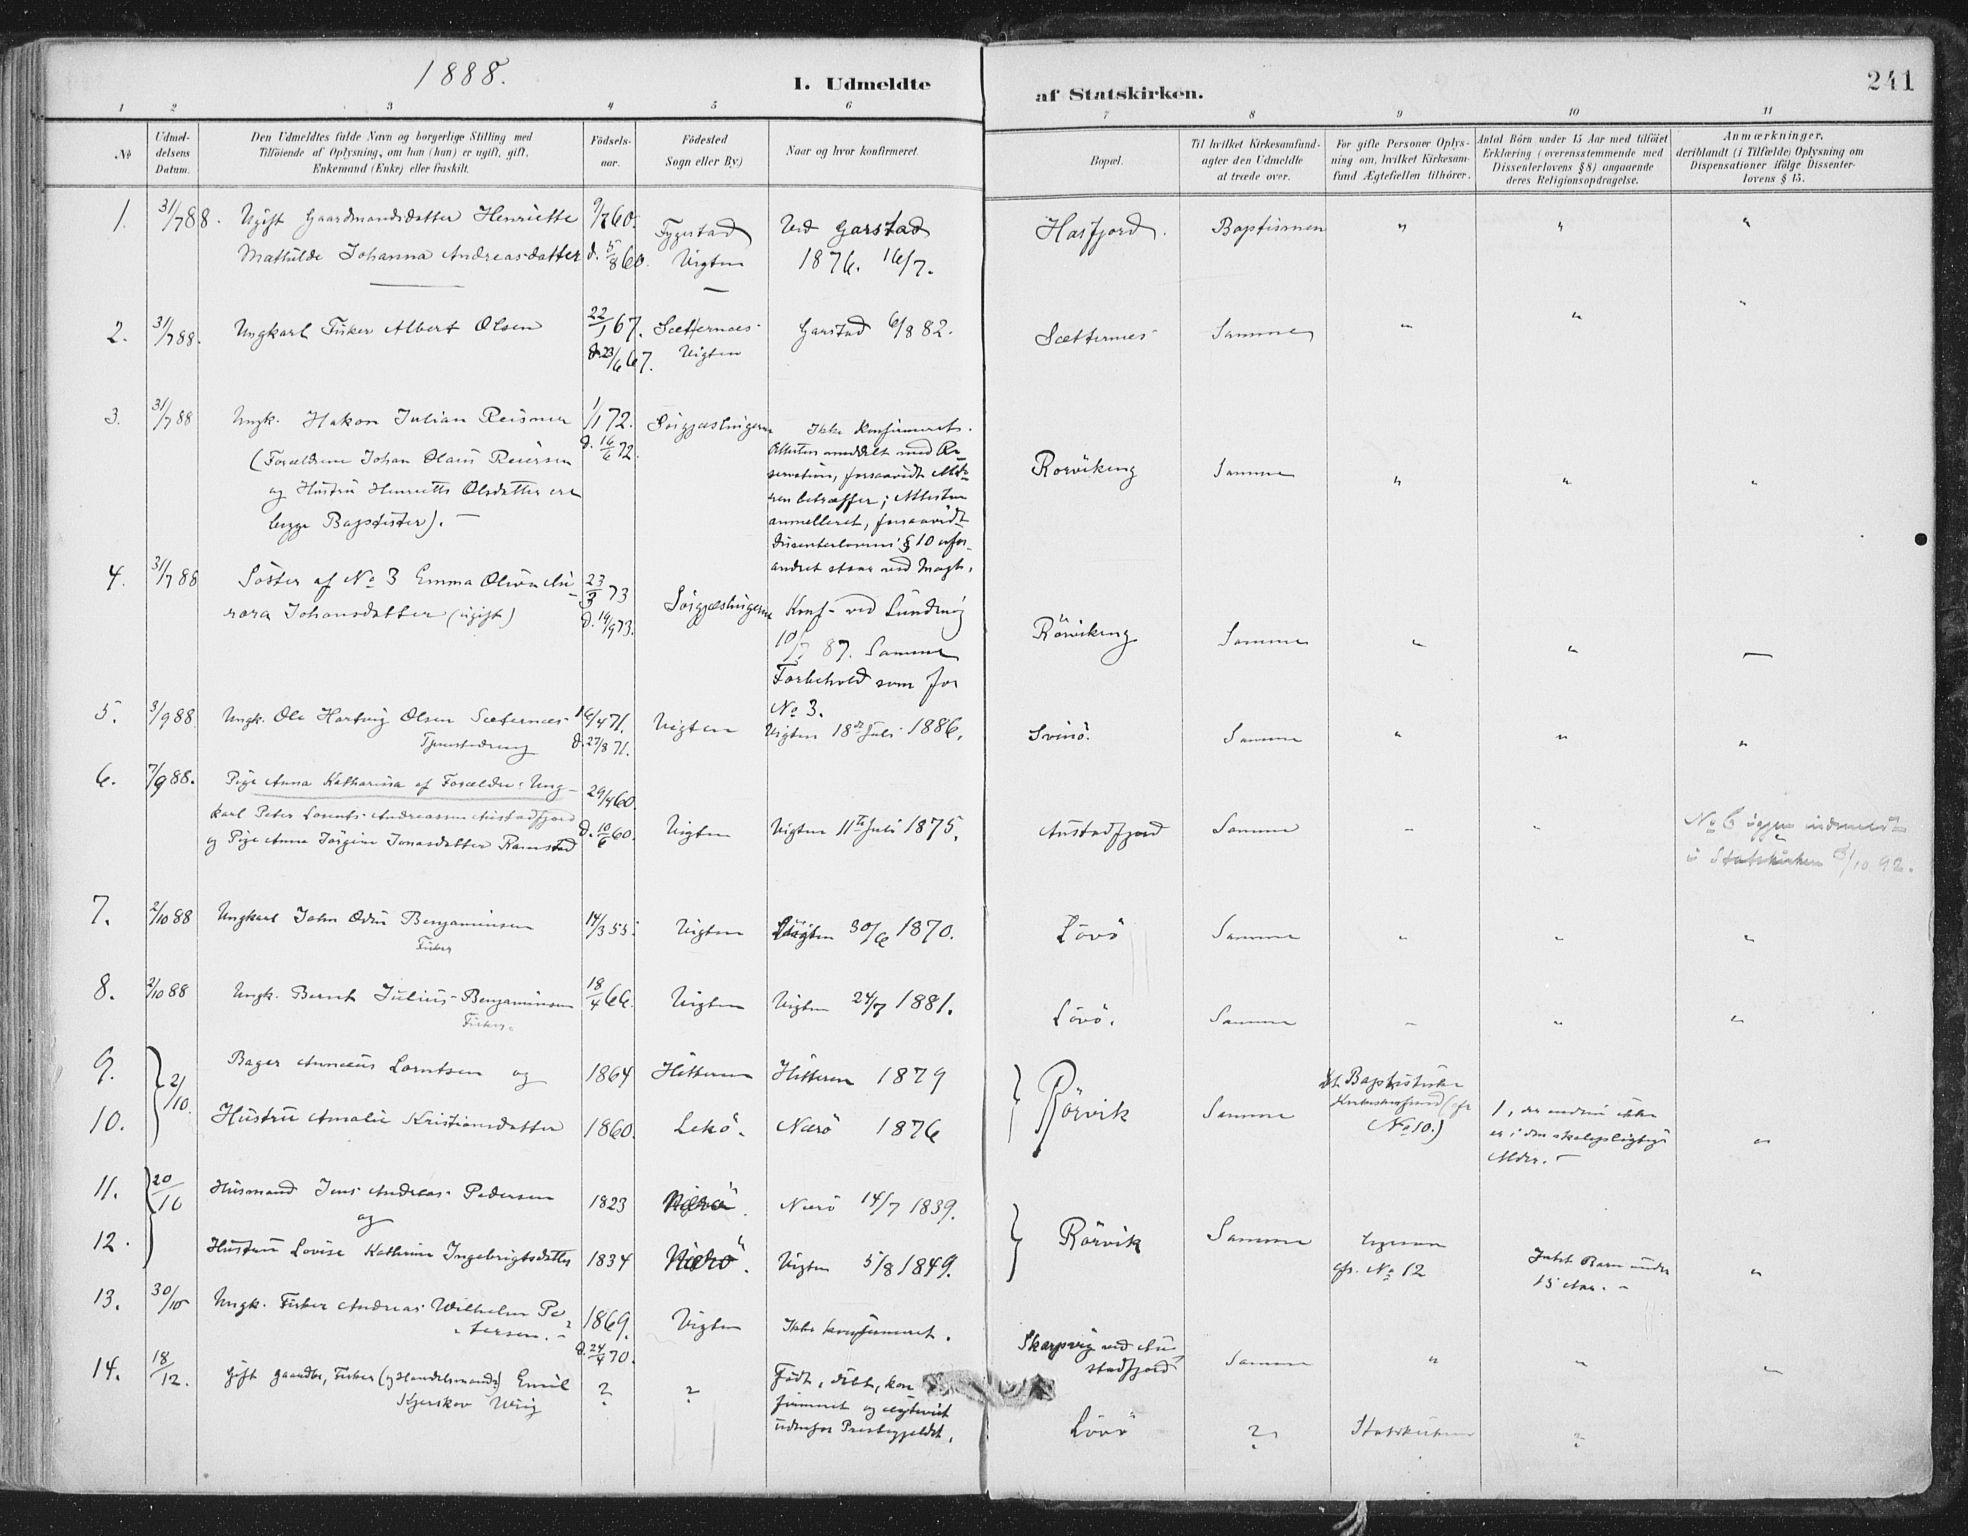 SAT, Ministerialprotokoller, klokkerbøker og fødselsregistre - Nord-Trøndelag, 786/L0687: Ministerialbok nr. 786A03, 1888-1898, s. 241